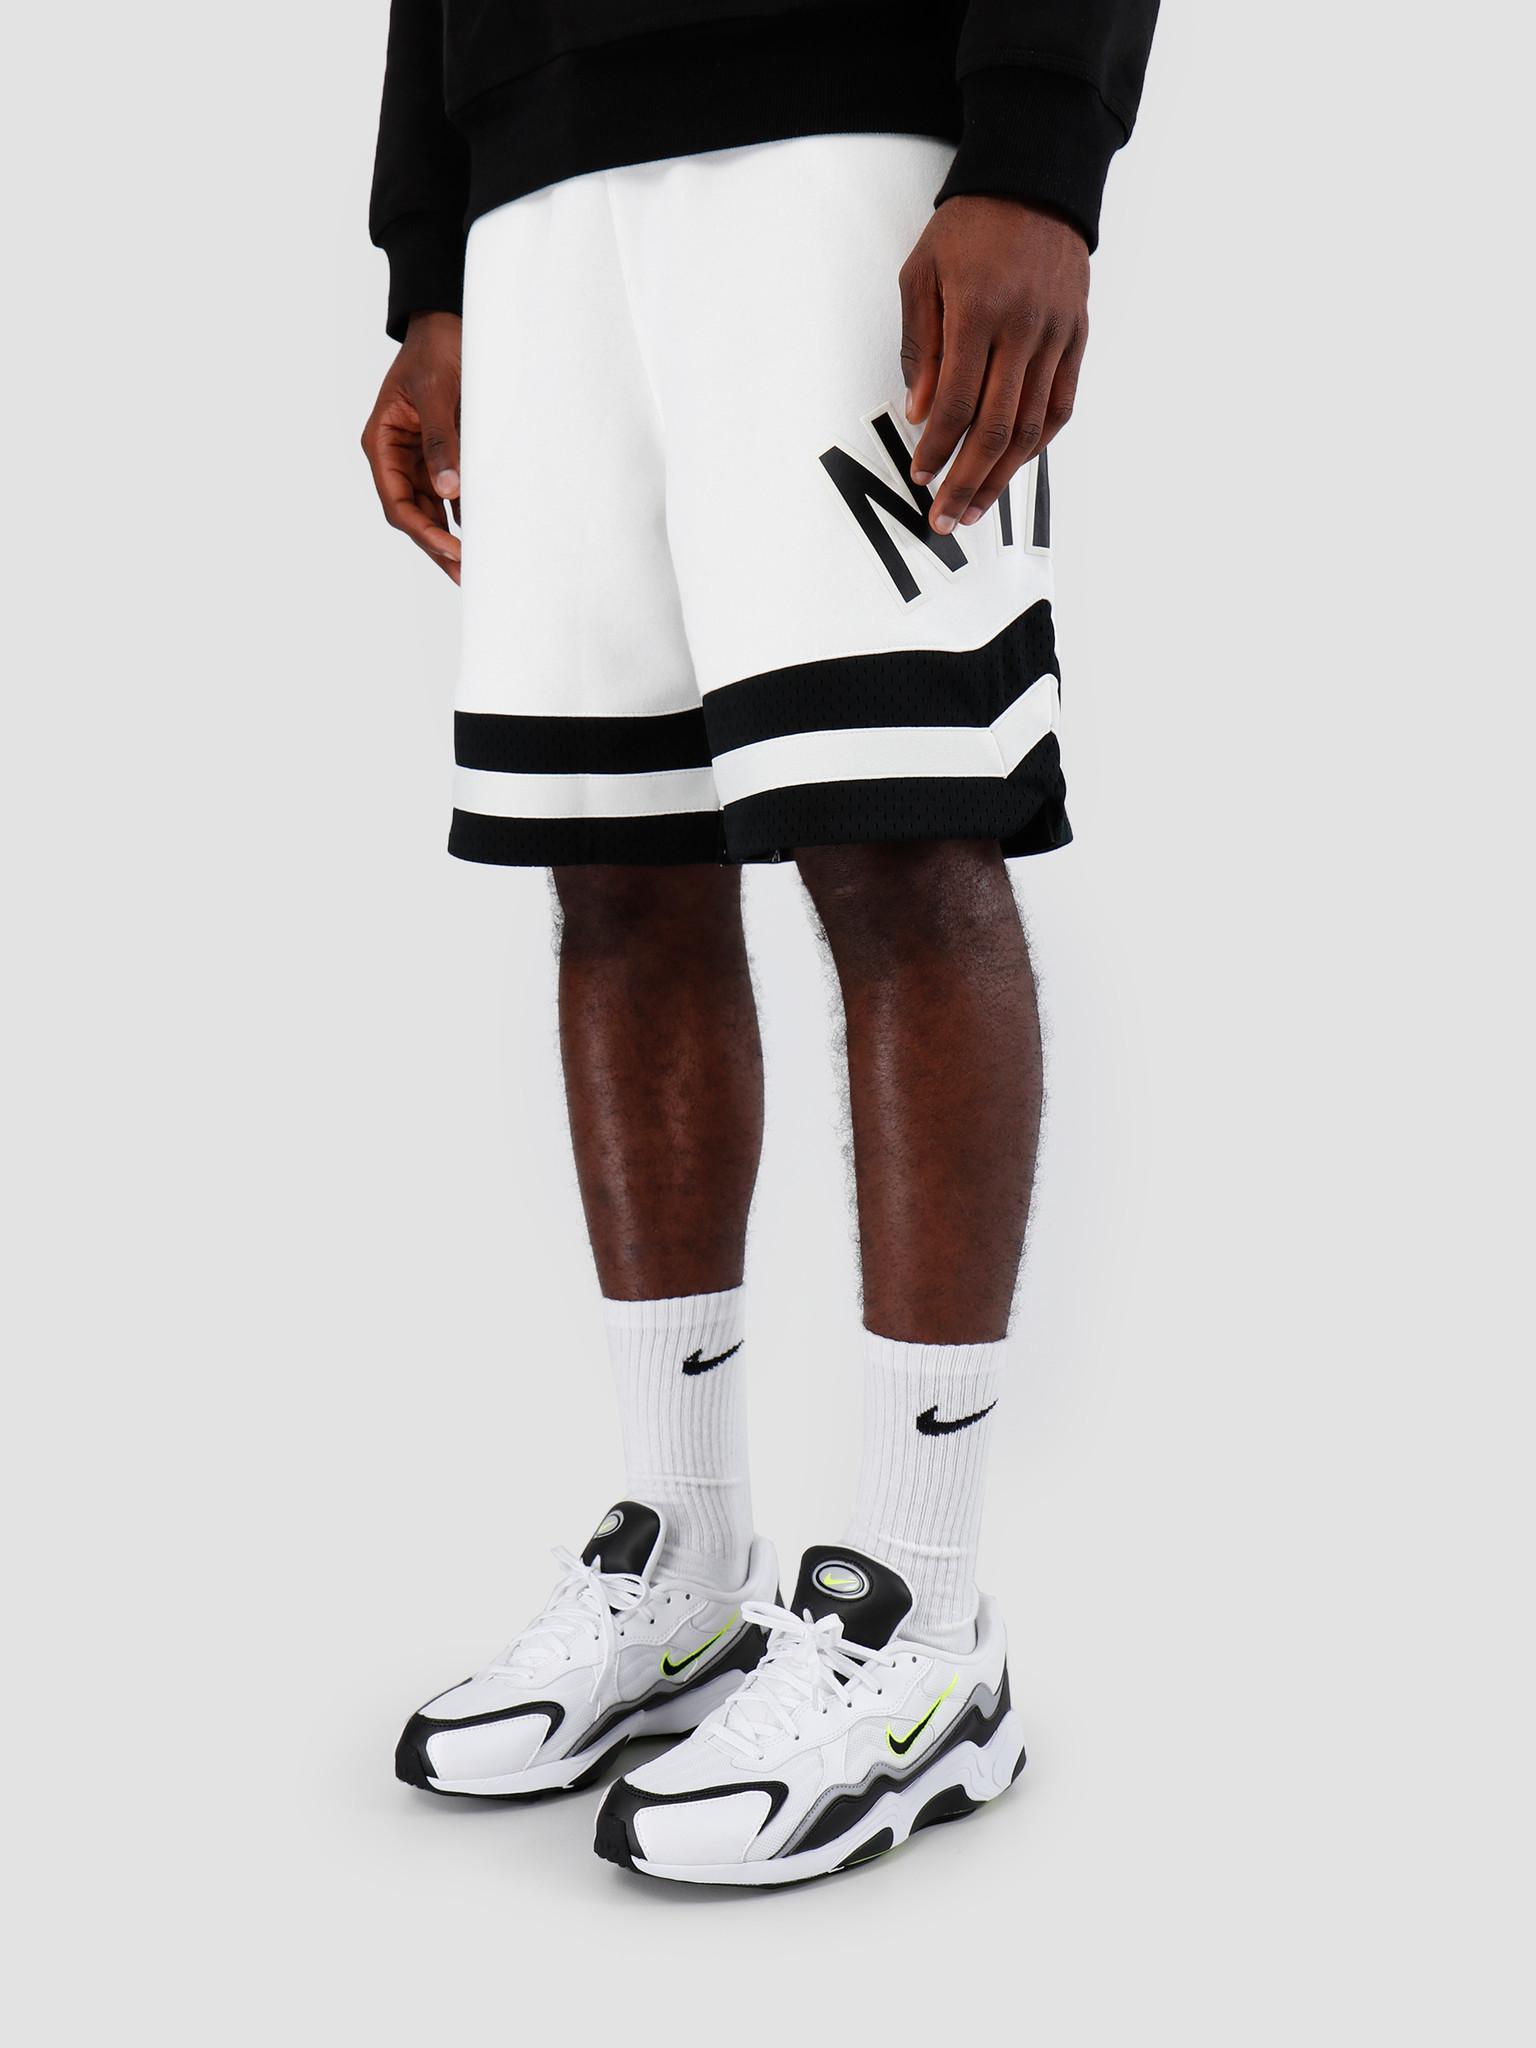 Nike Nike Air Short Flc Sail Black Sail AR1829-133